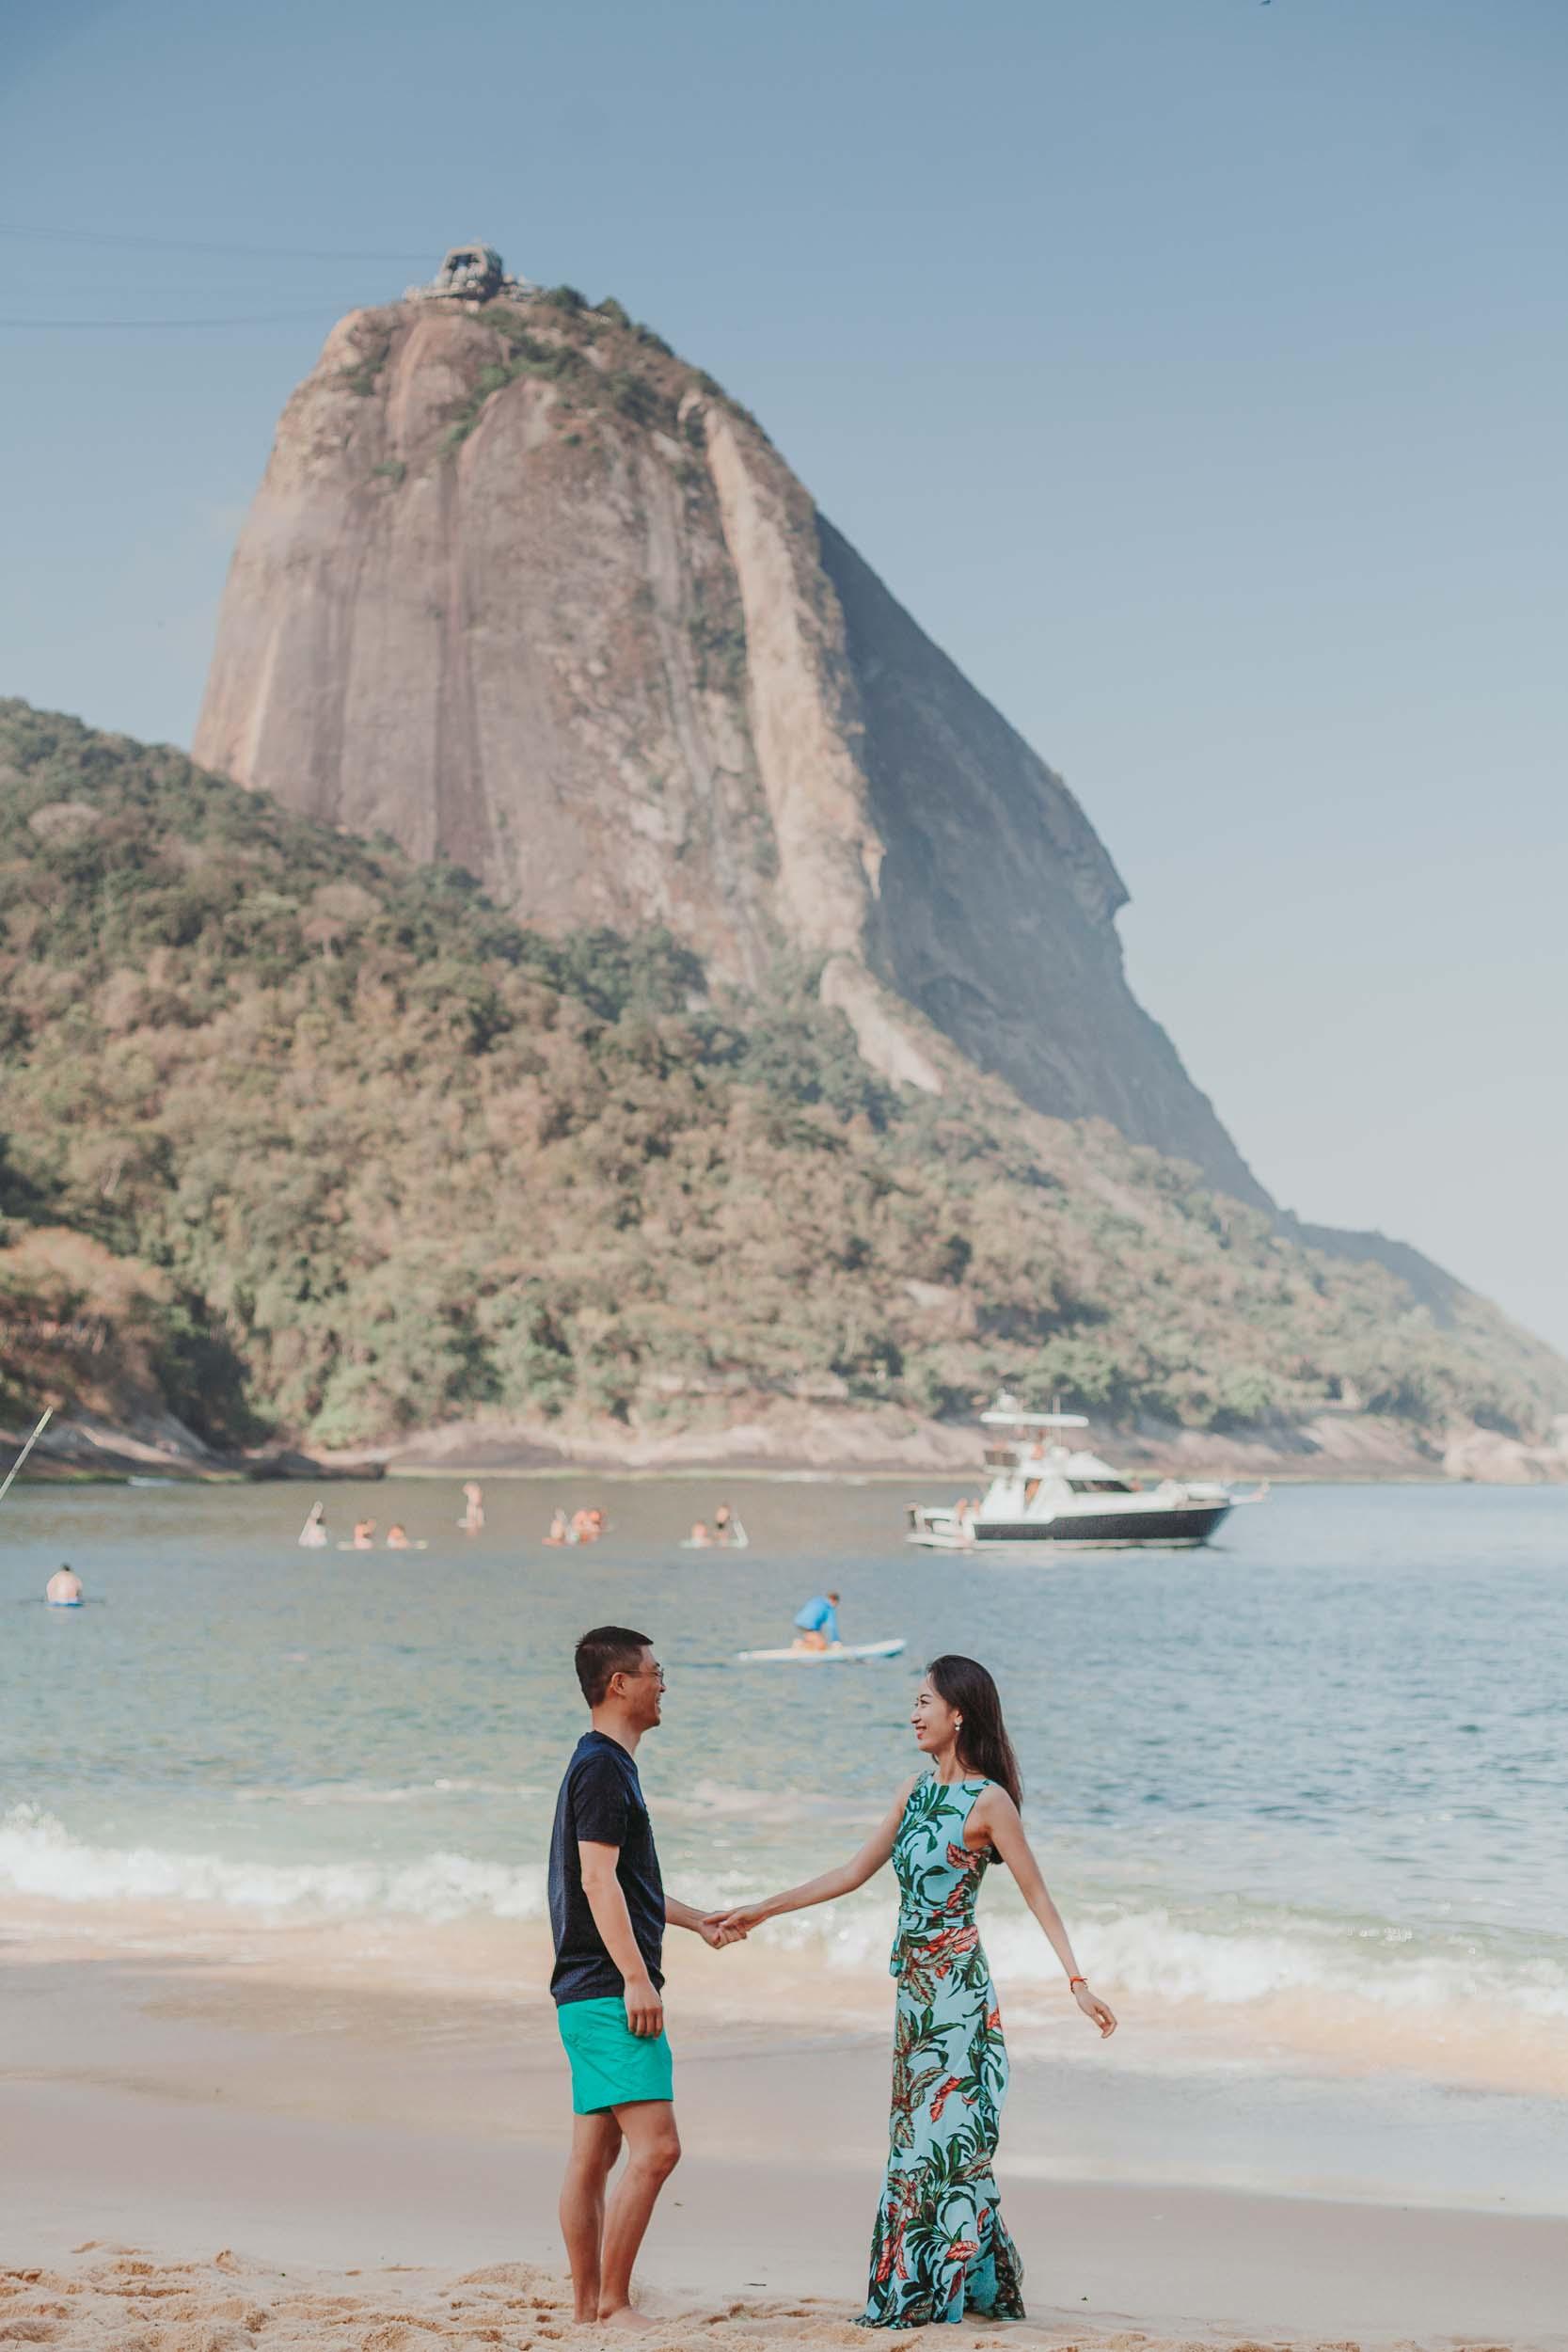 Flytographer Ana in Rio de Janeiro